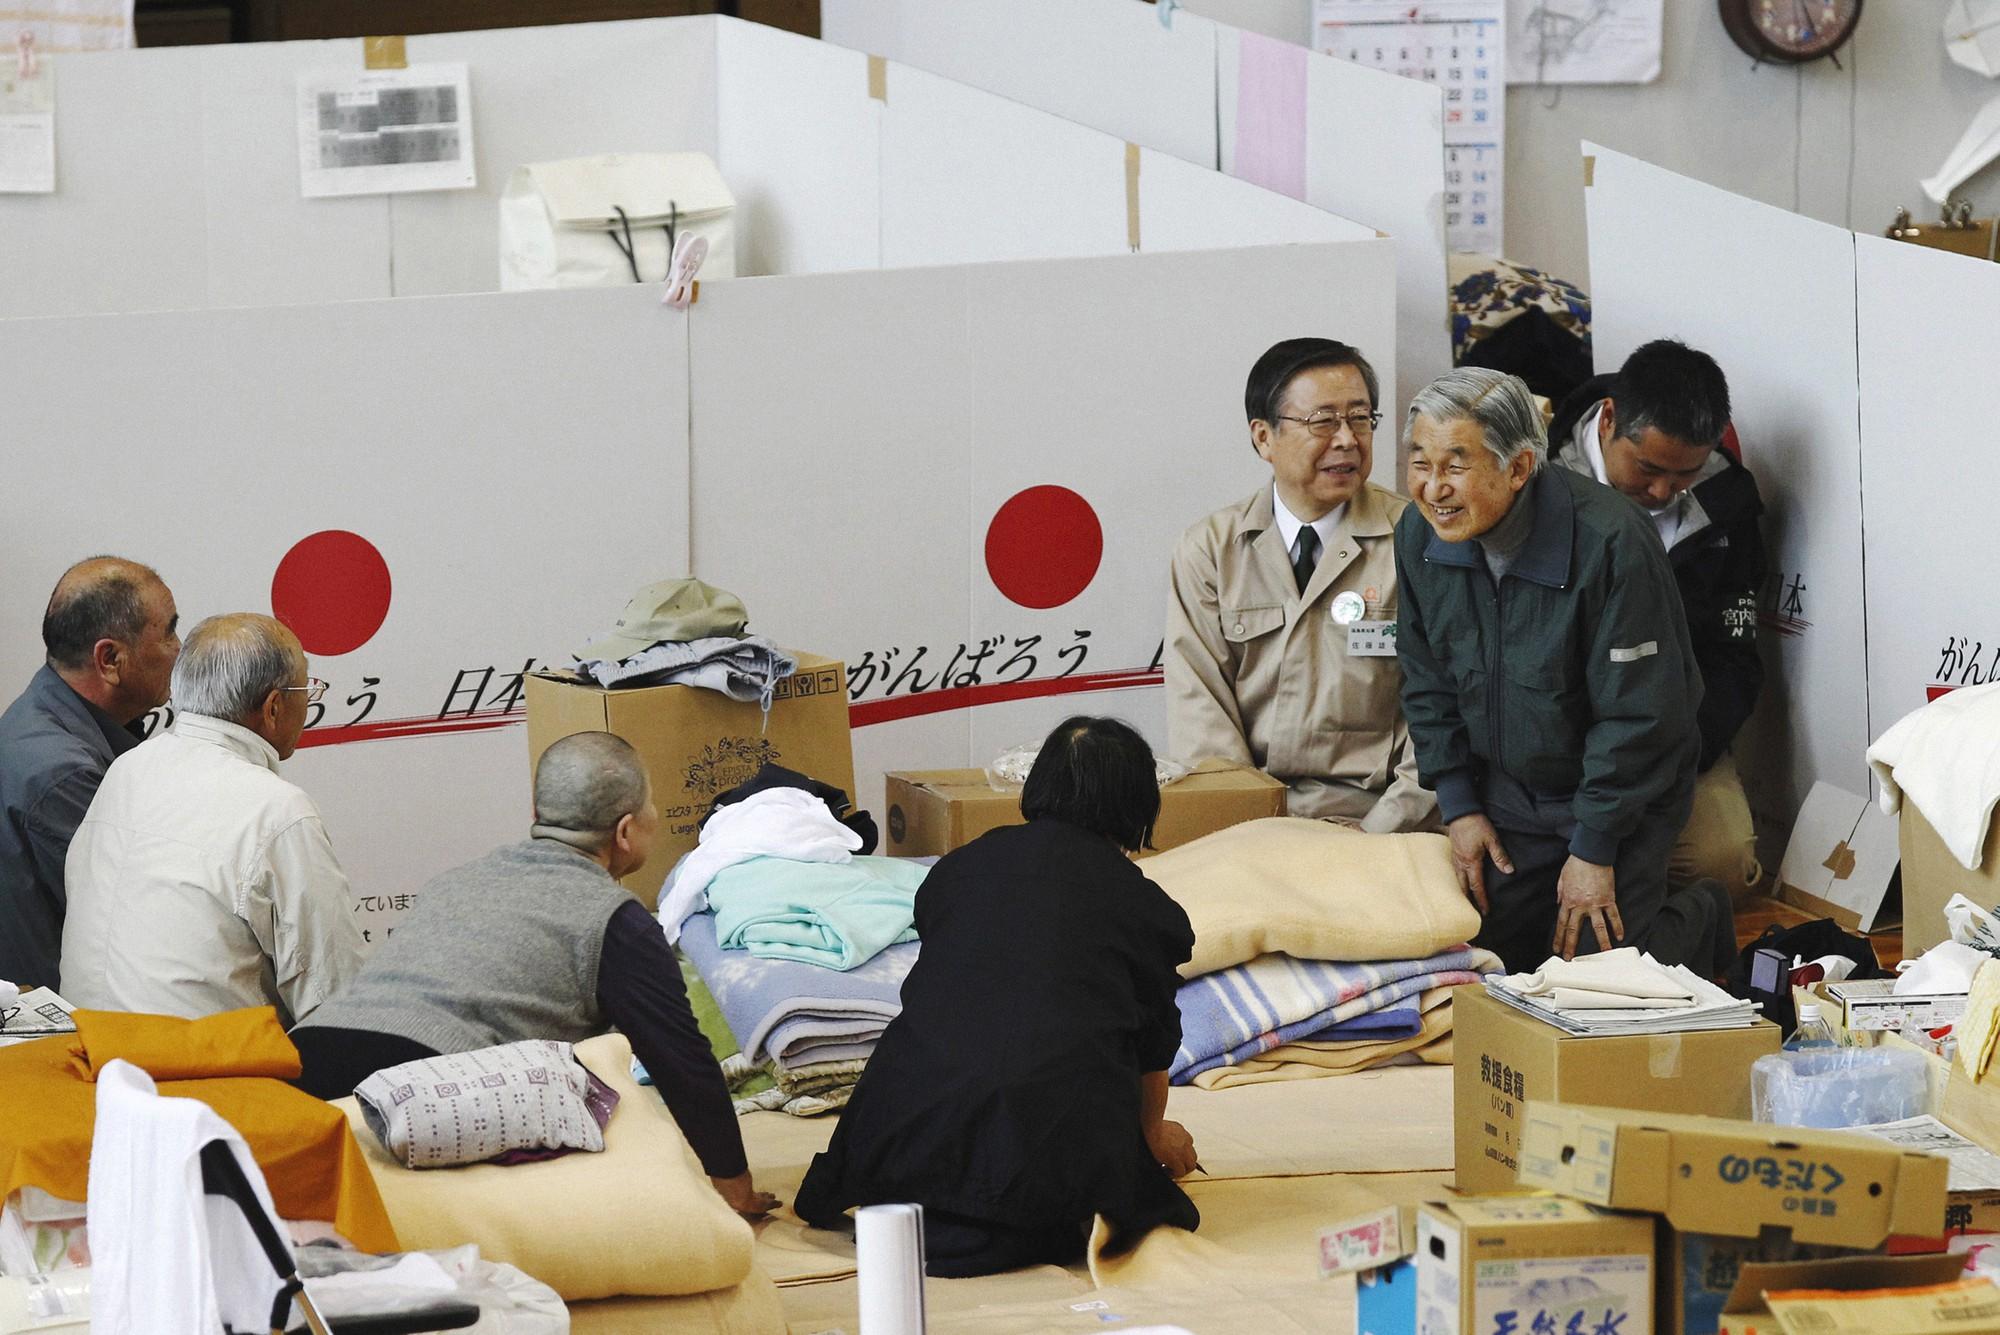 Akihito: Vị Thiên hoàng quỳ gối trước dân và bài phát biểu nhạy cảm bị nhà đài ngang nhiên cắt gọt - Ảnh 15.